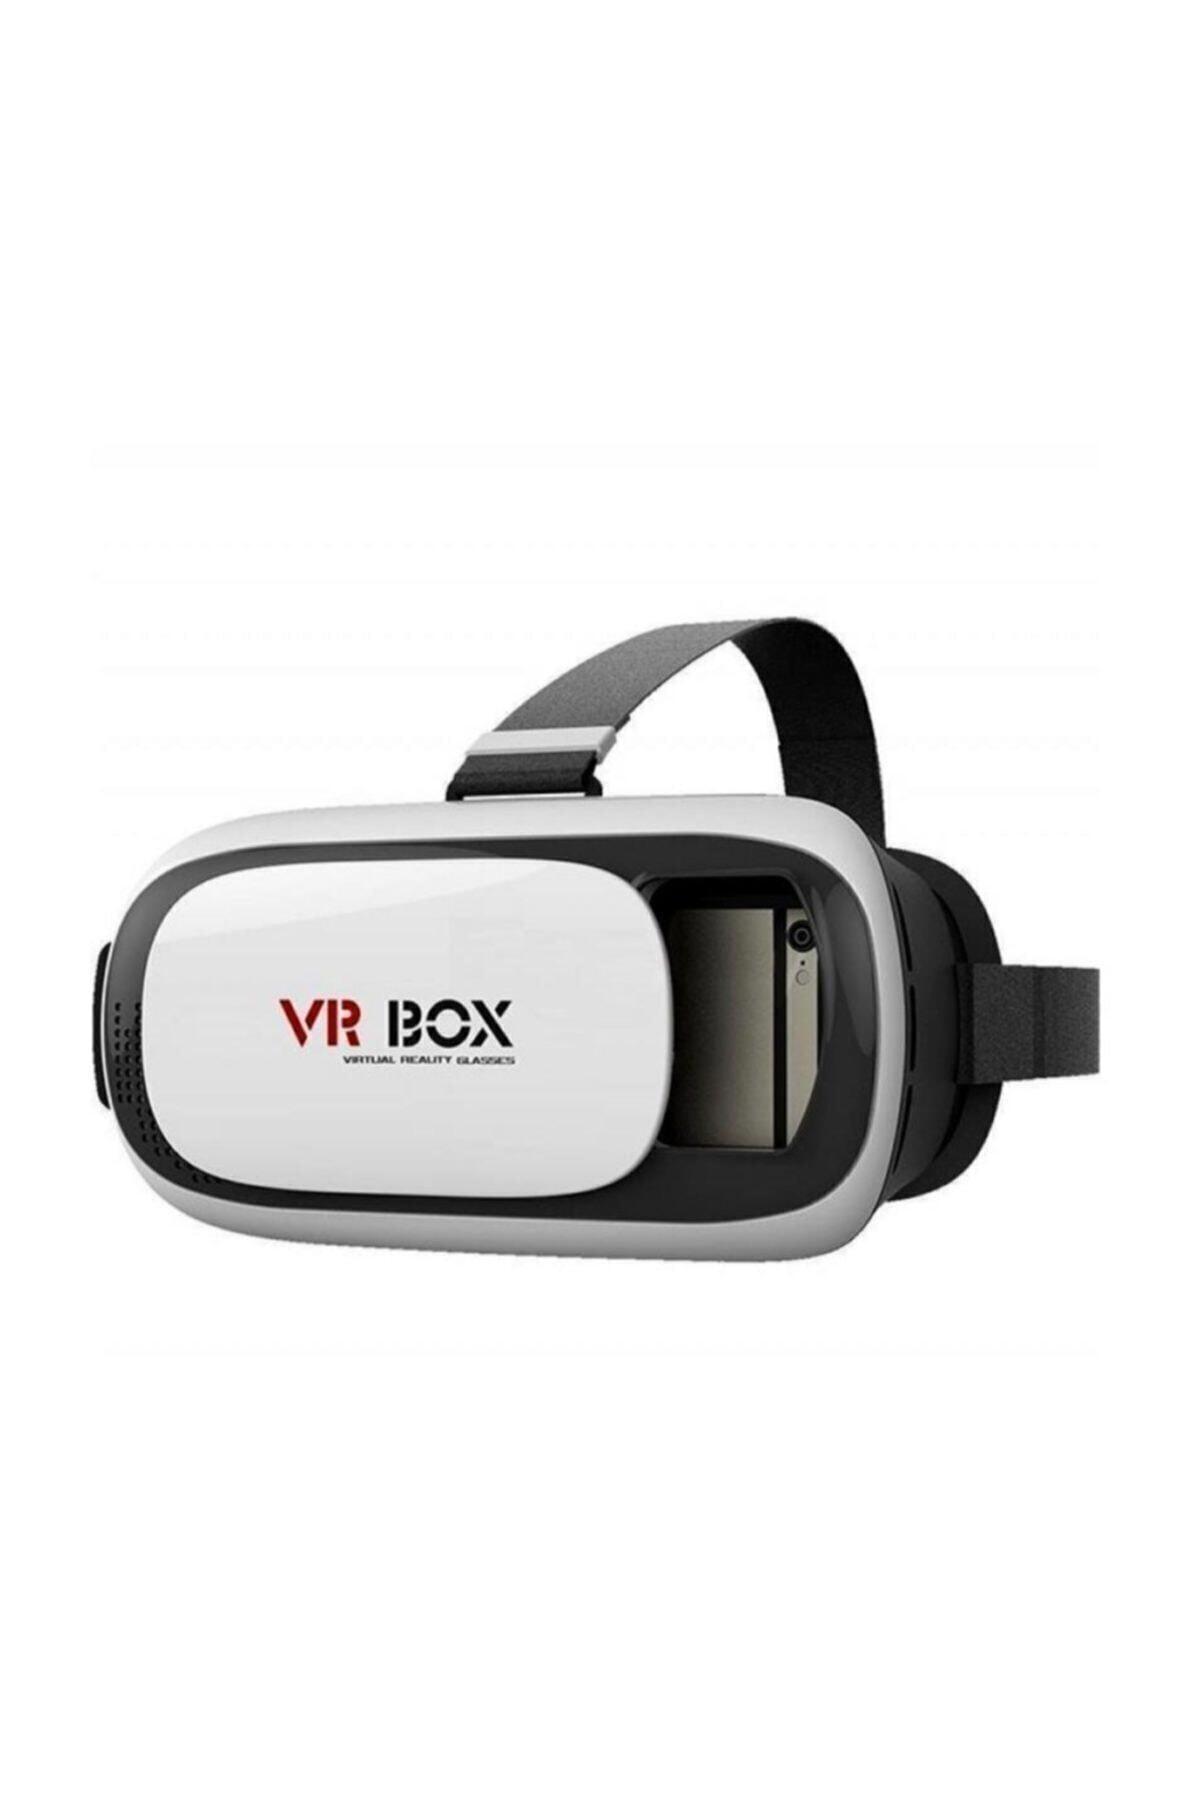 VR BOX 3d 2 Sanal Gerçeklik Gözlüğü 2